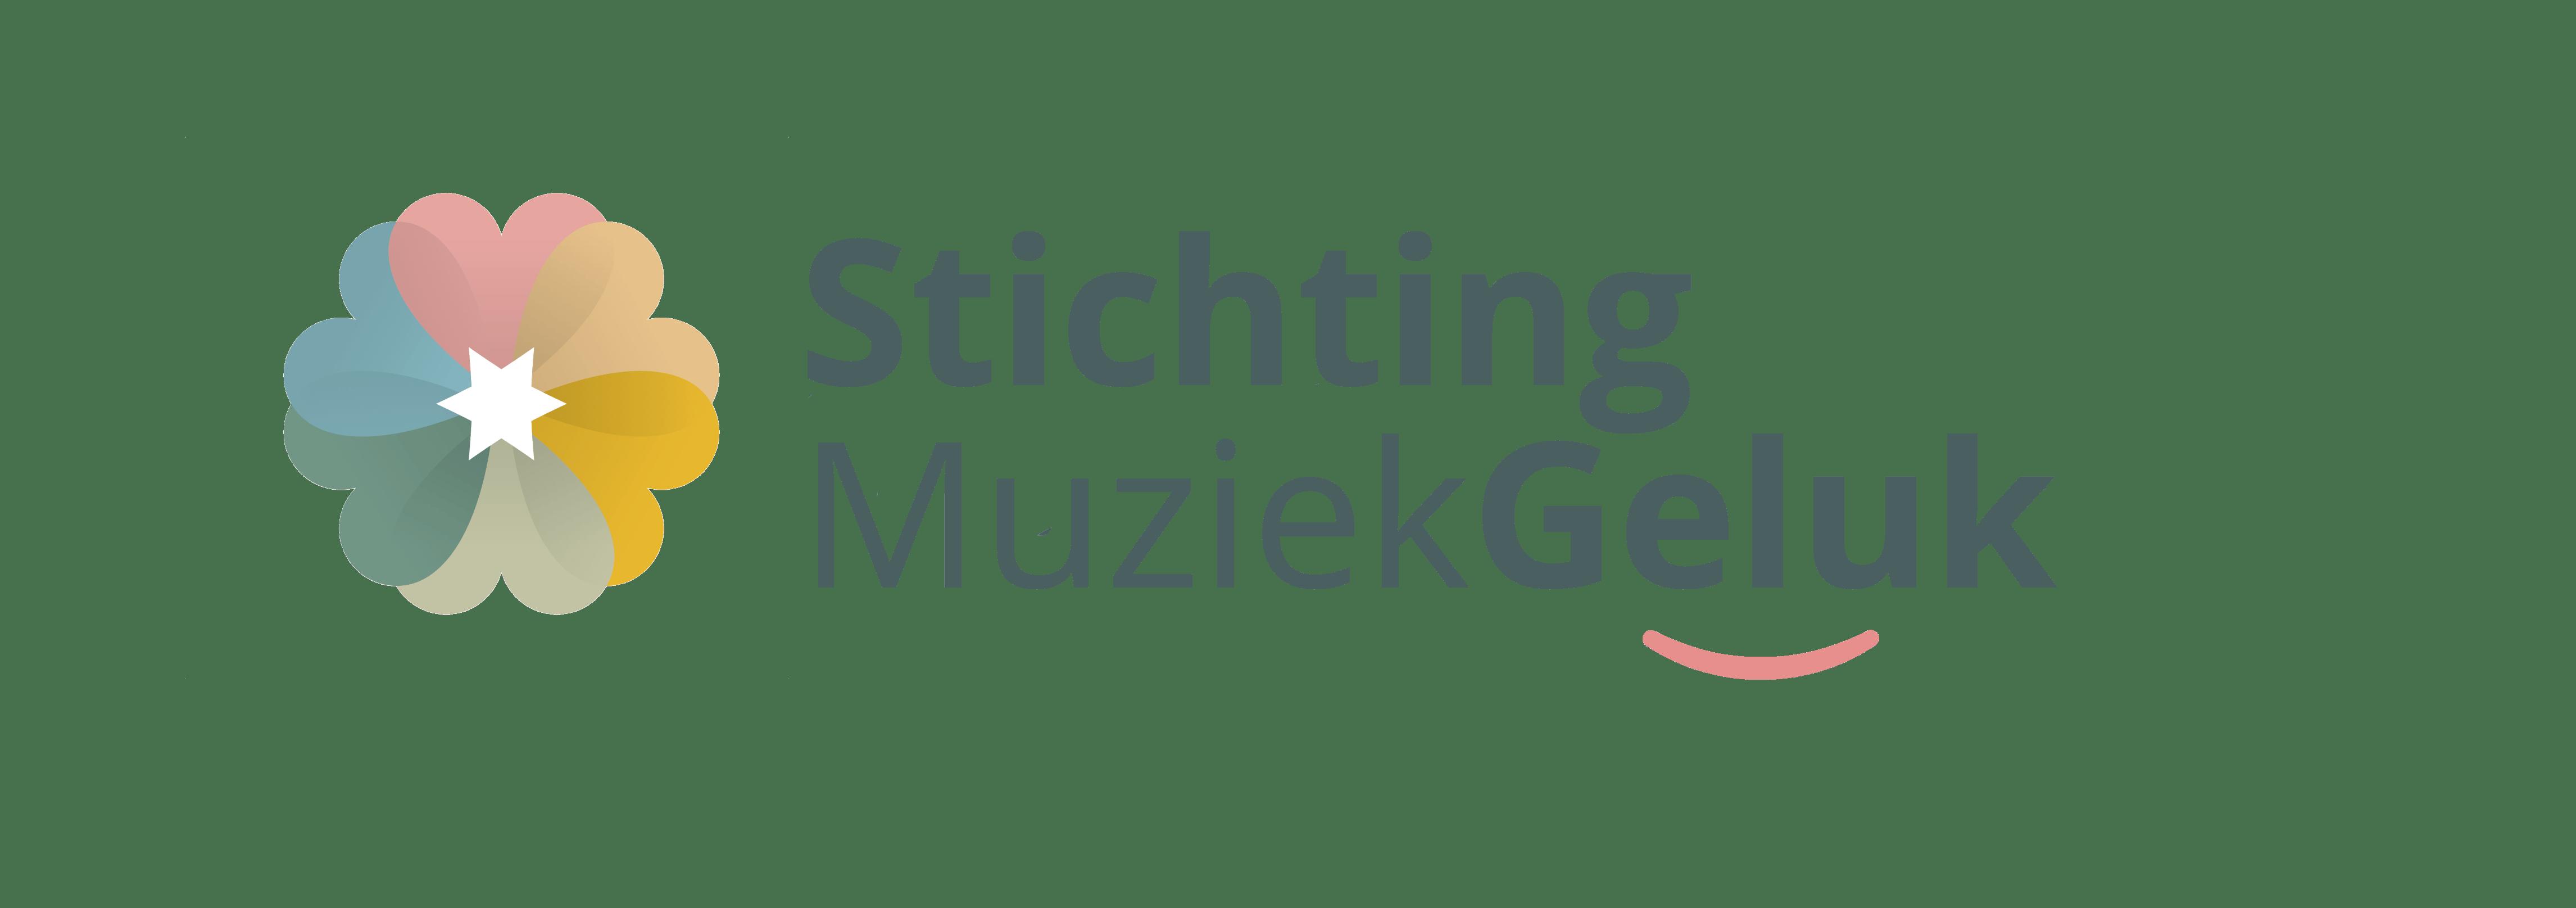 Stichting MuziekGeluk